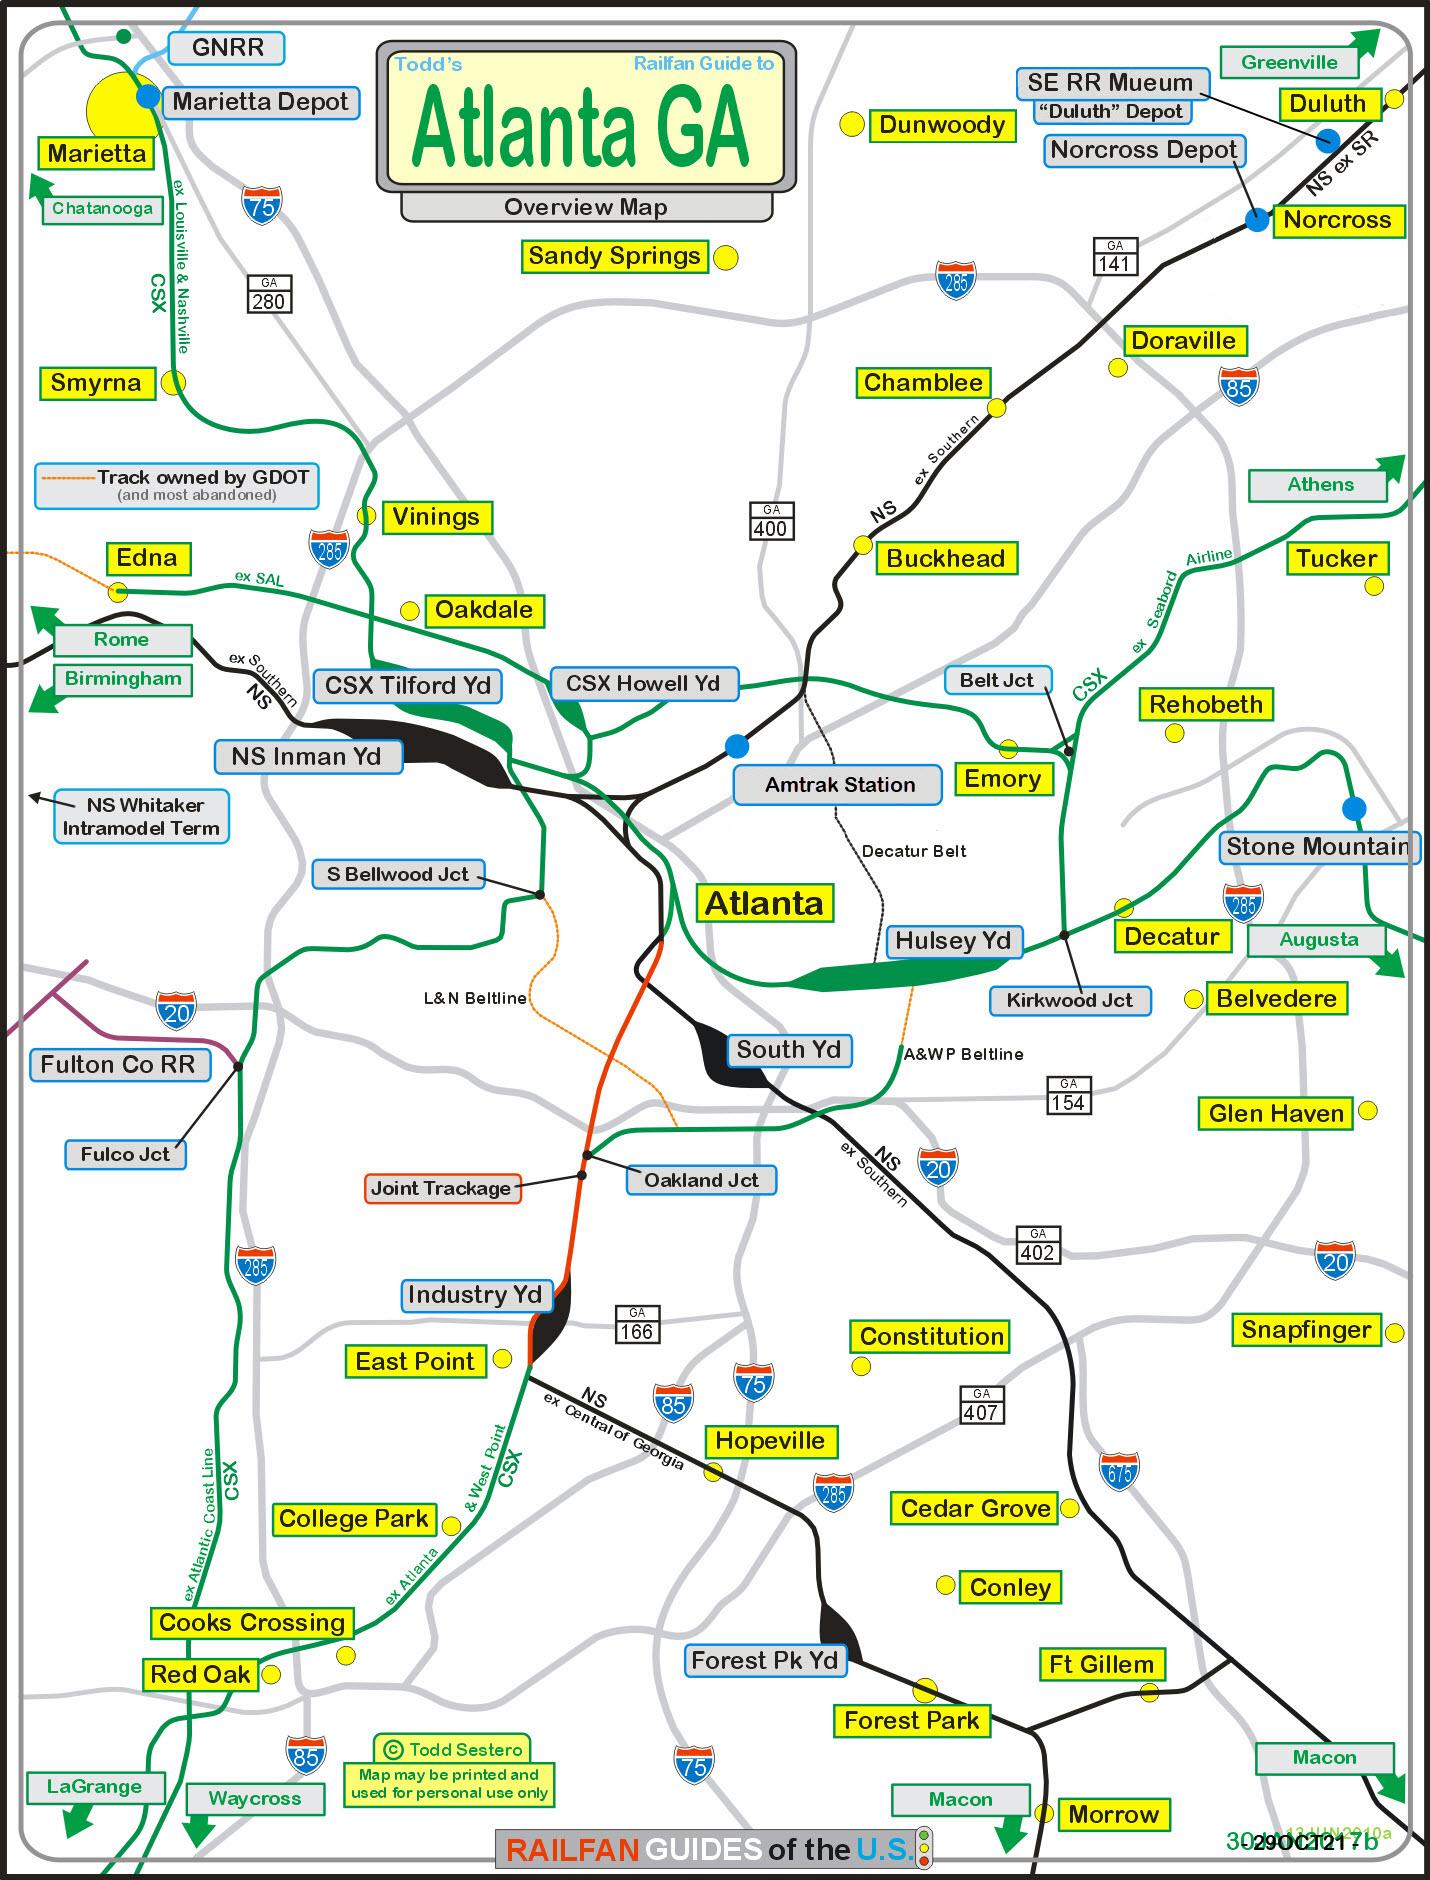 Atlanta GA Railfan Guide RSUS